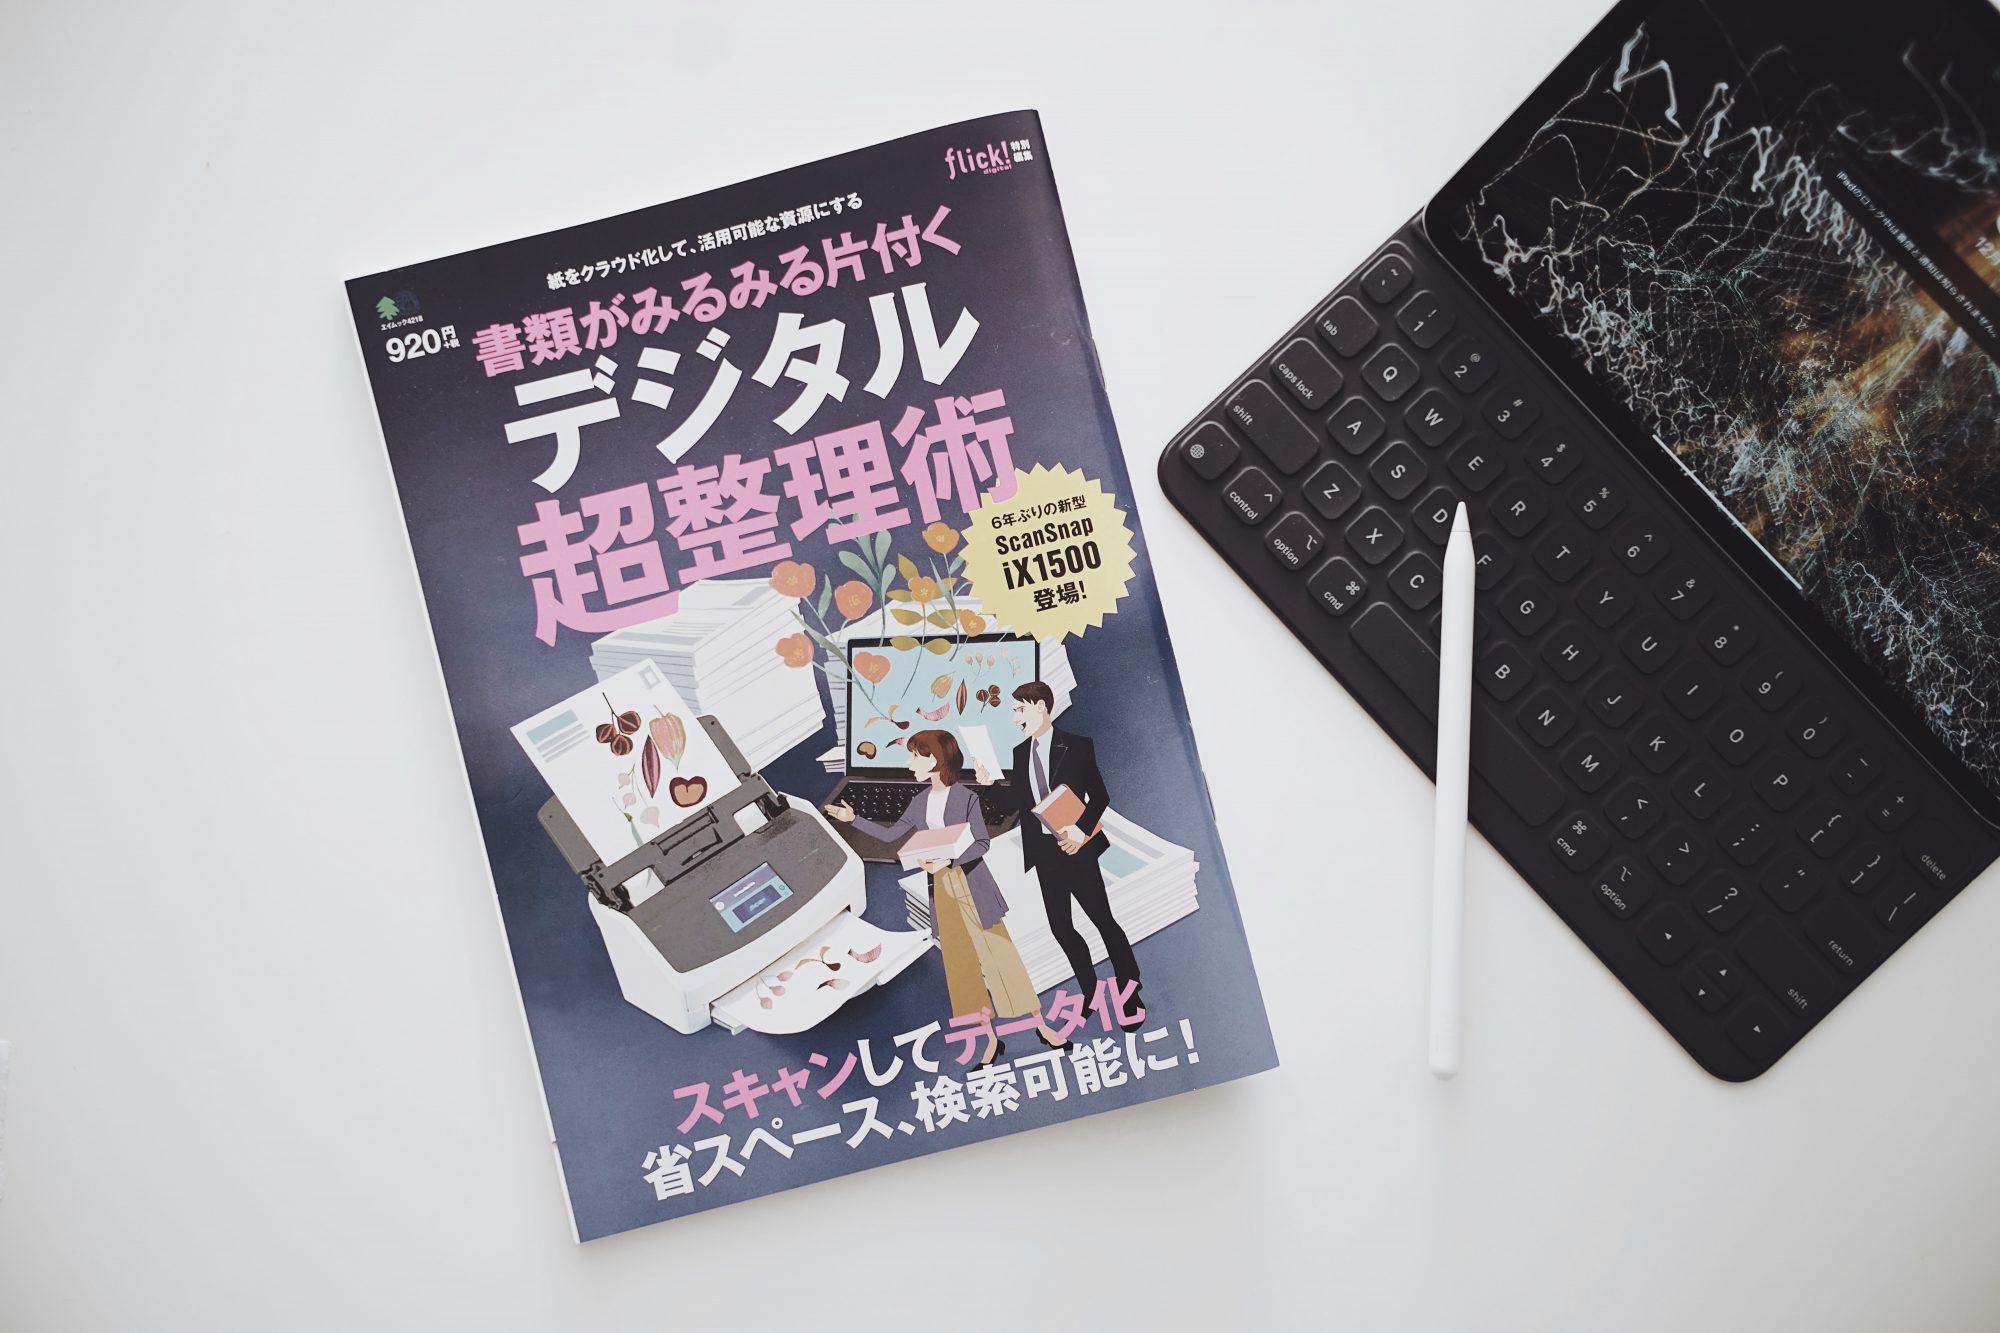 ムック本「書類がみるみる片付く デジタル超整理術」